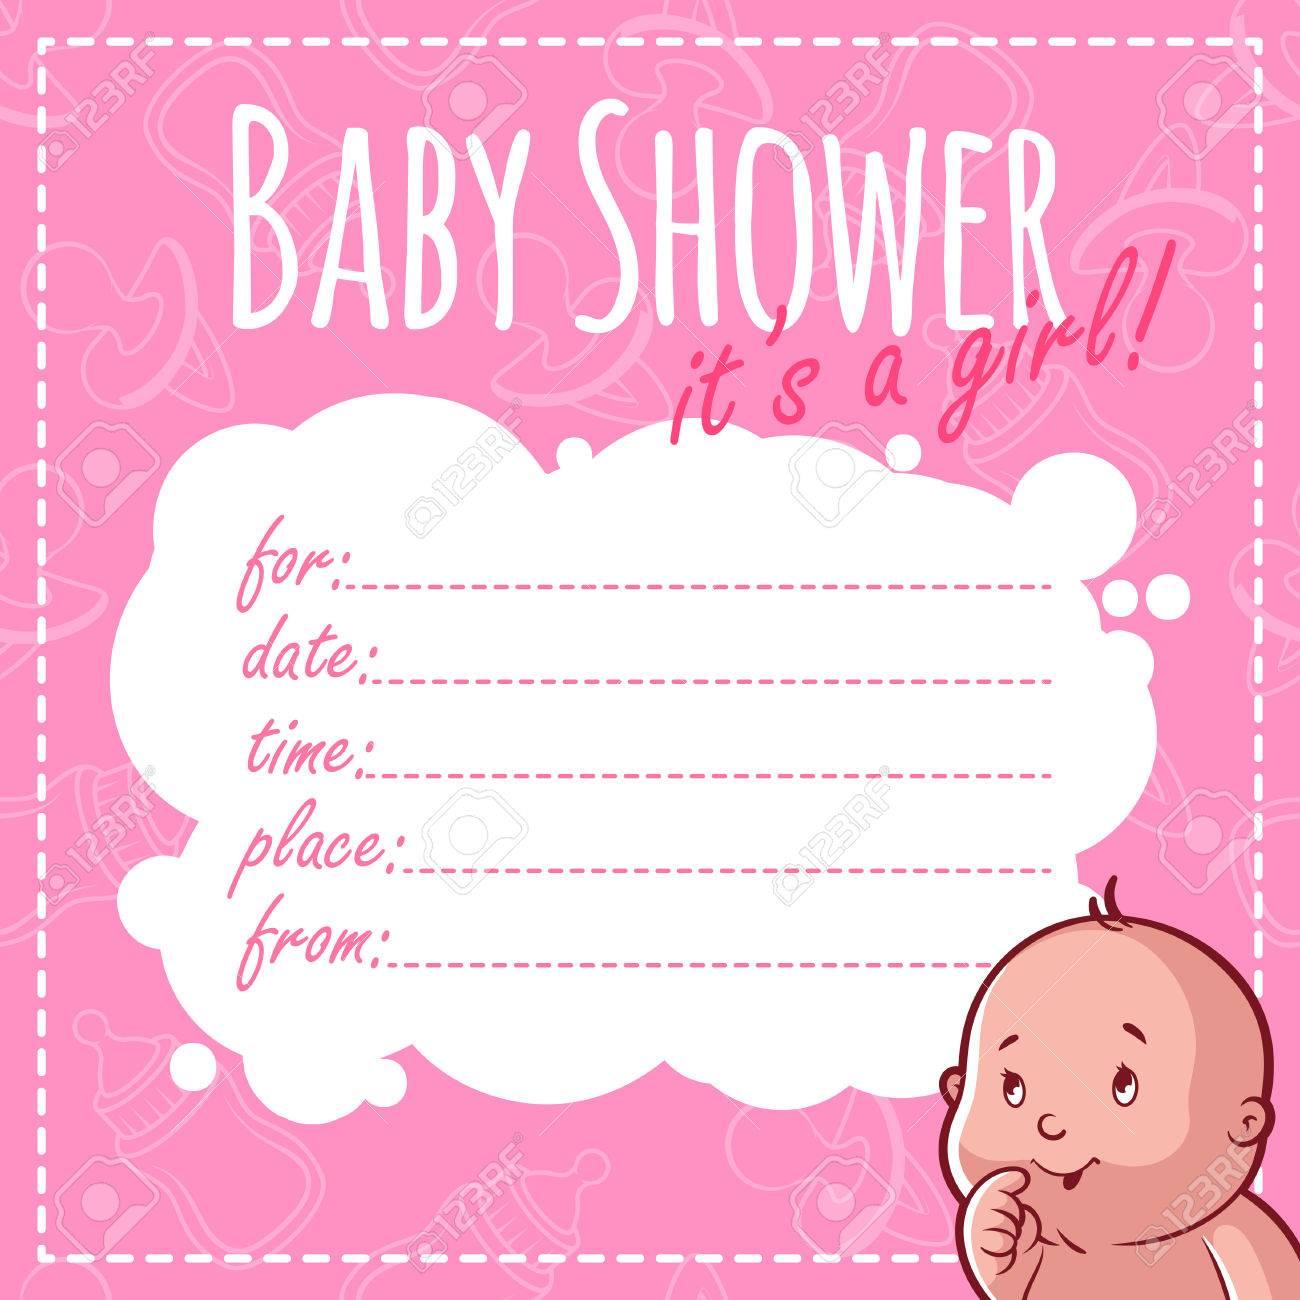 Tarjeta De Baby Shower Es Una Niña Blanco Invitaciones De La Ducha De Bebé Para La Muchacha En Tonos Rosados